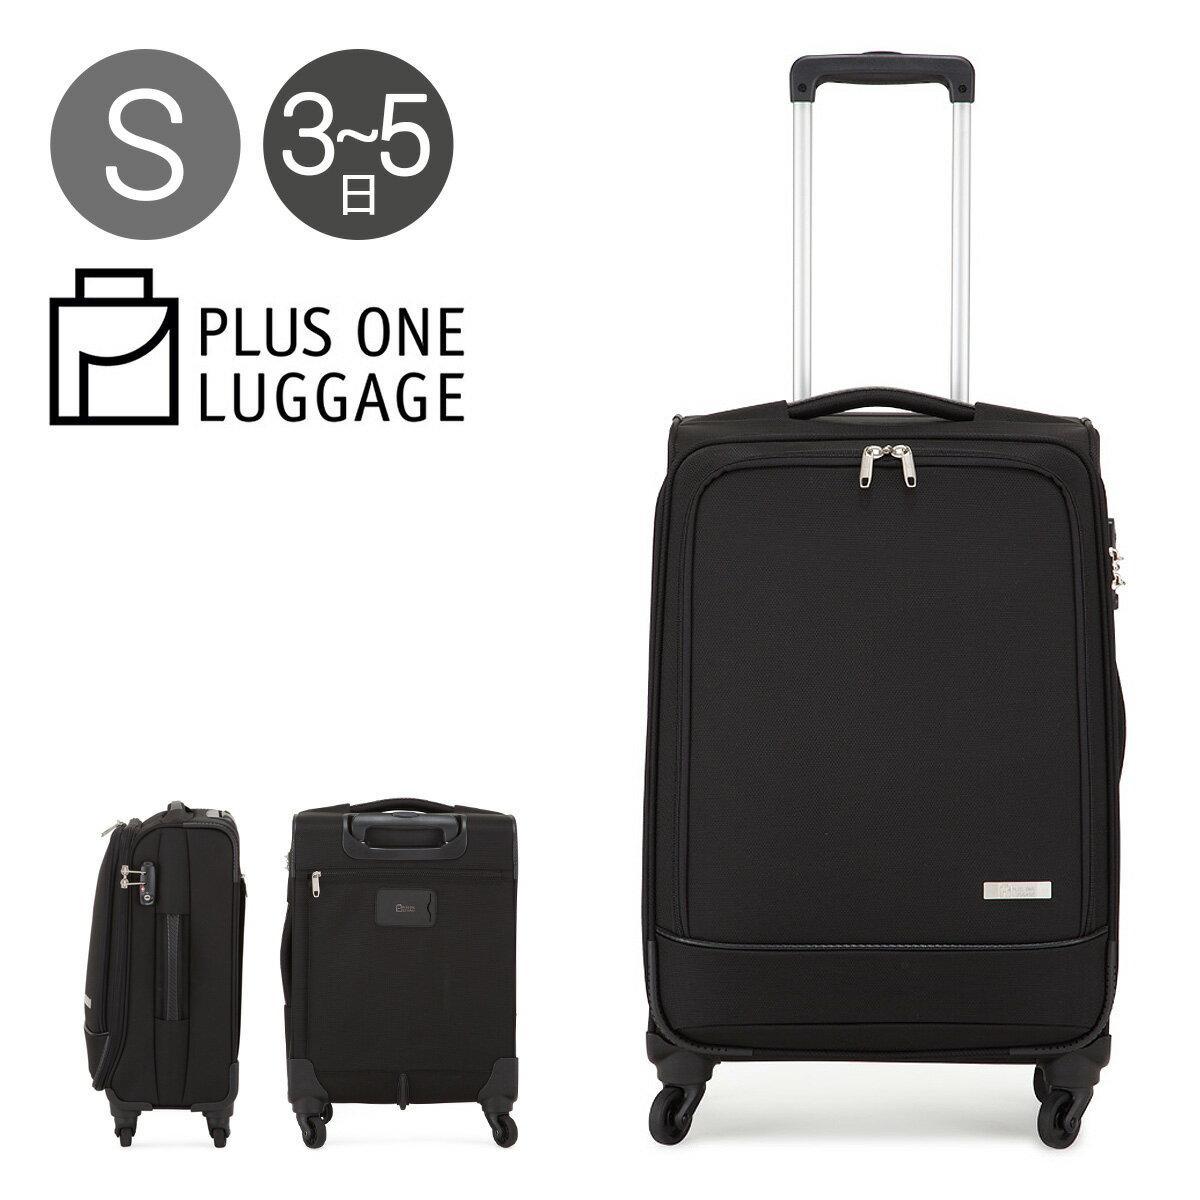 プラスワン スーツケース 3015-58 【 キャリーケース キャリーバッグ ビジネスキャリー 出張 】